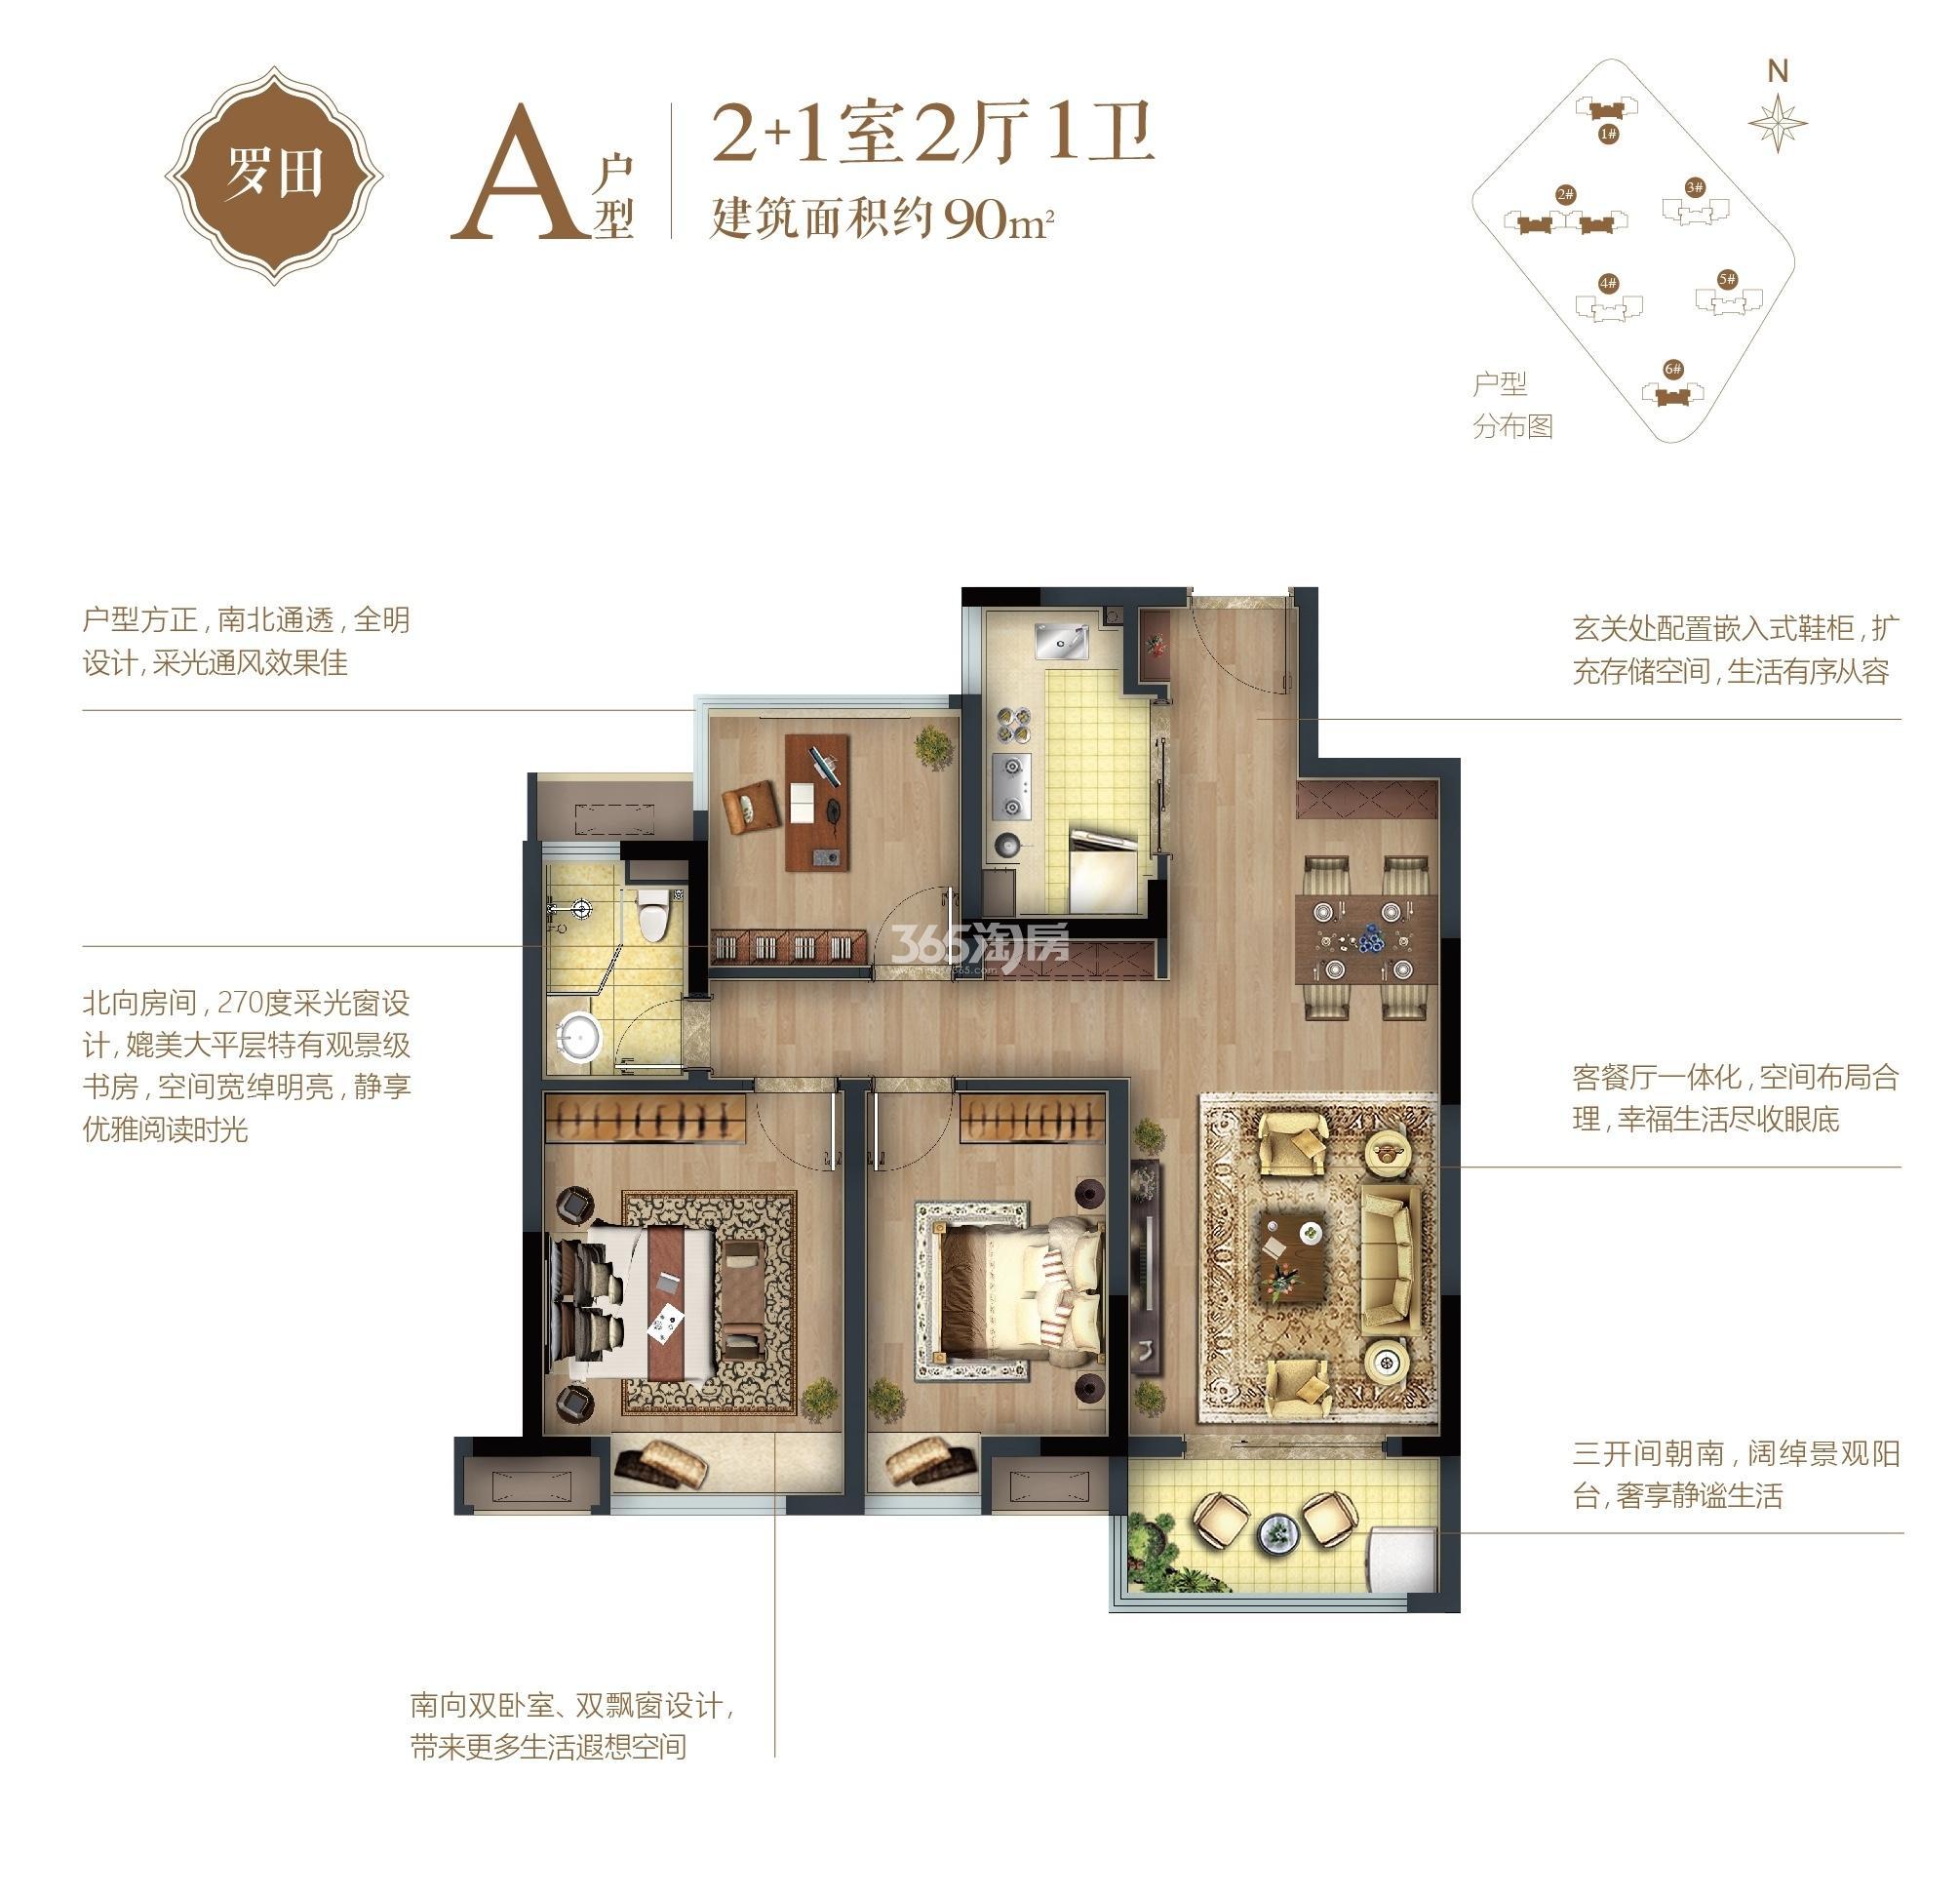 汤山玉兰公馆罗田A户型90㎡2+1室